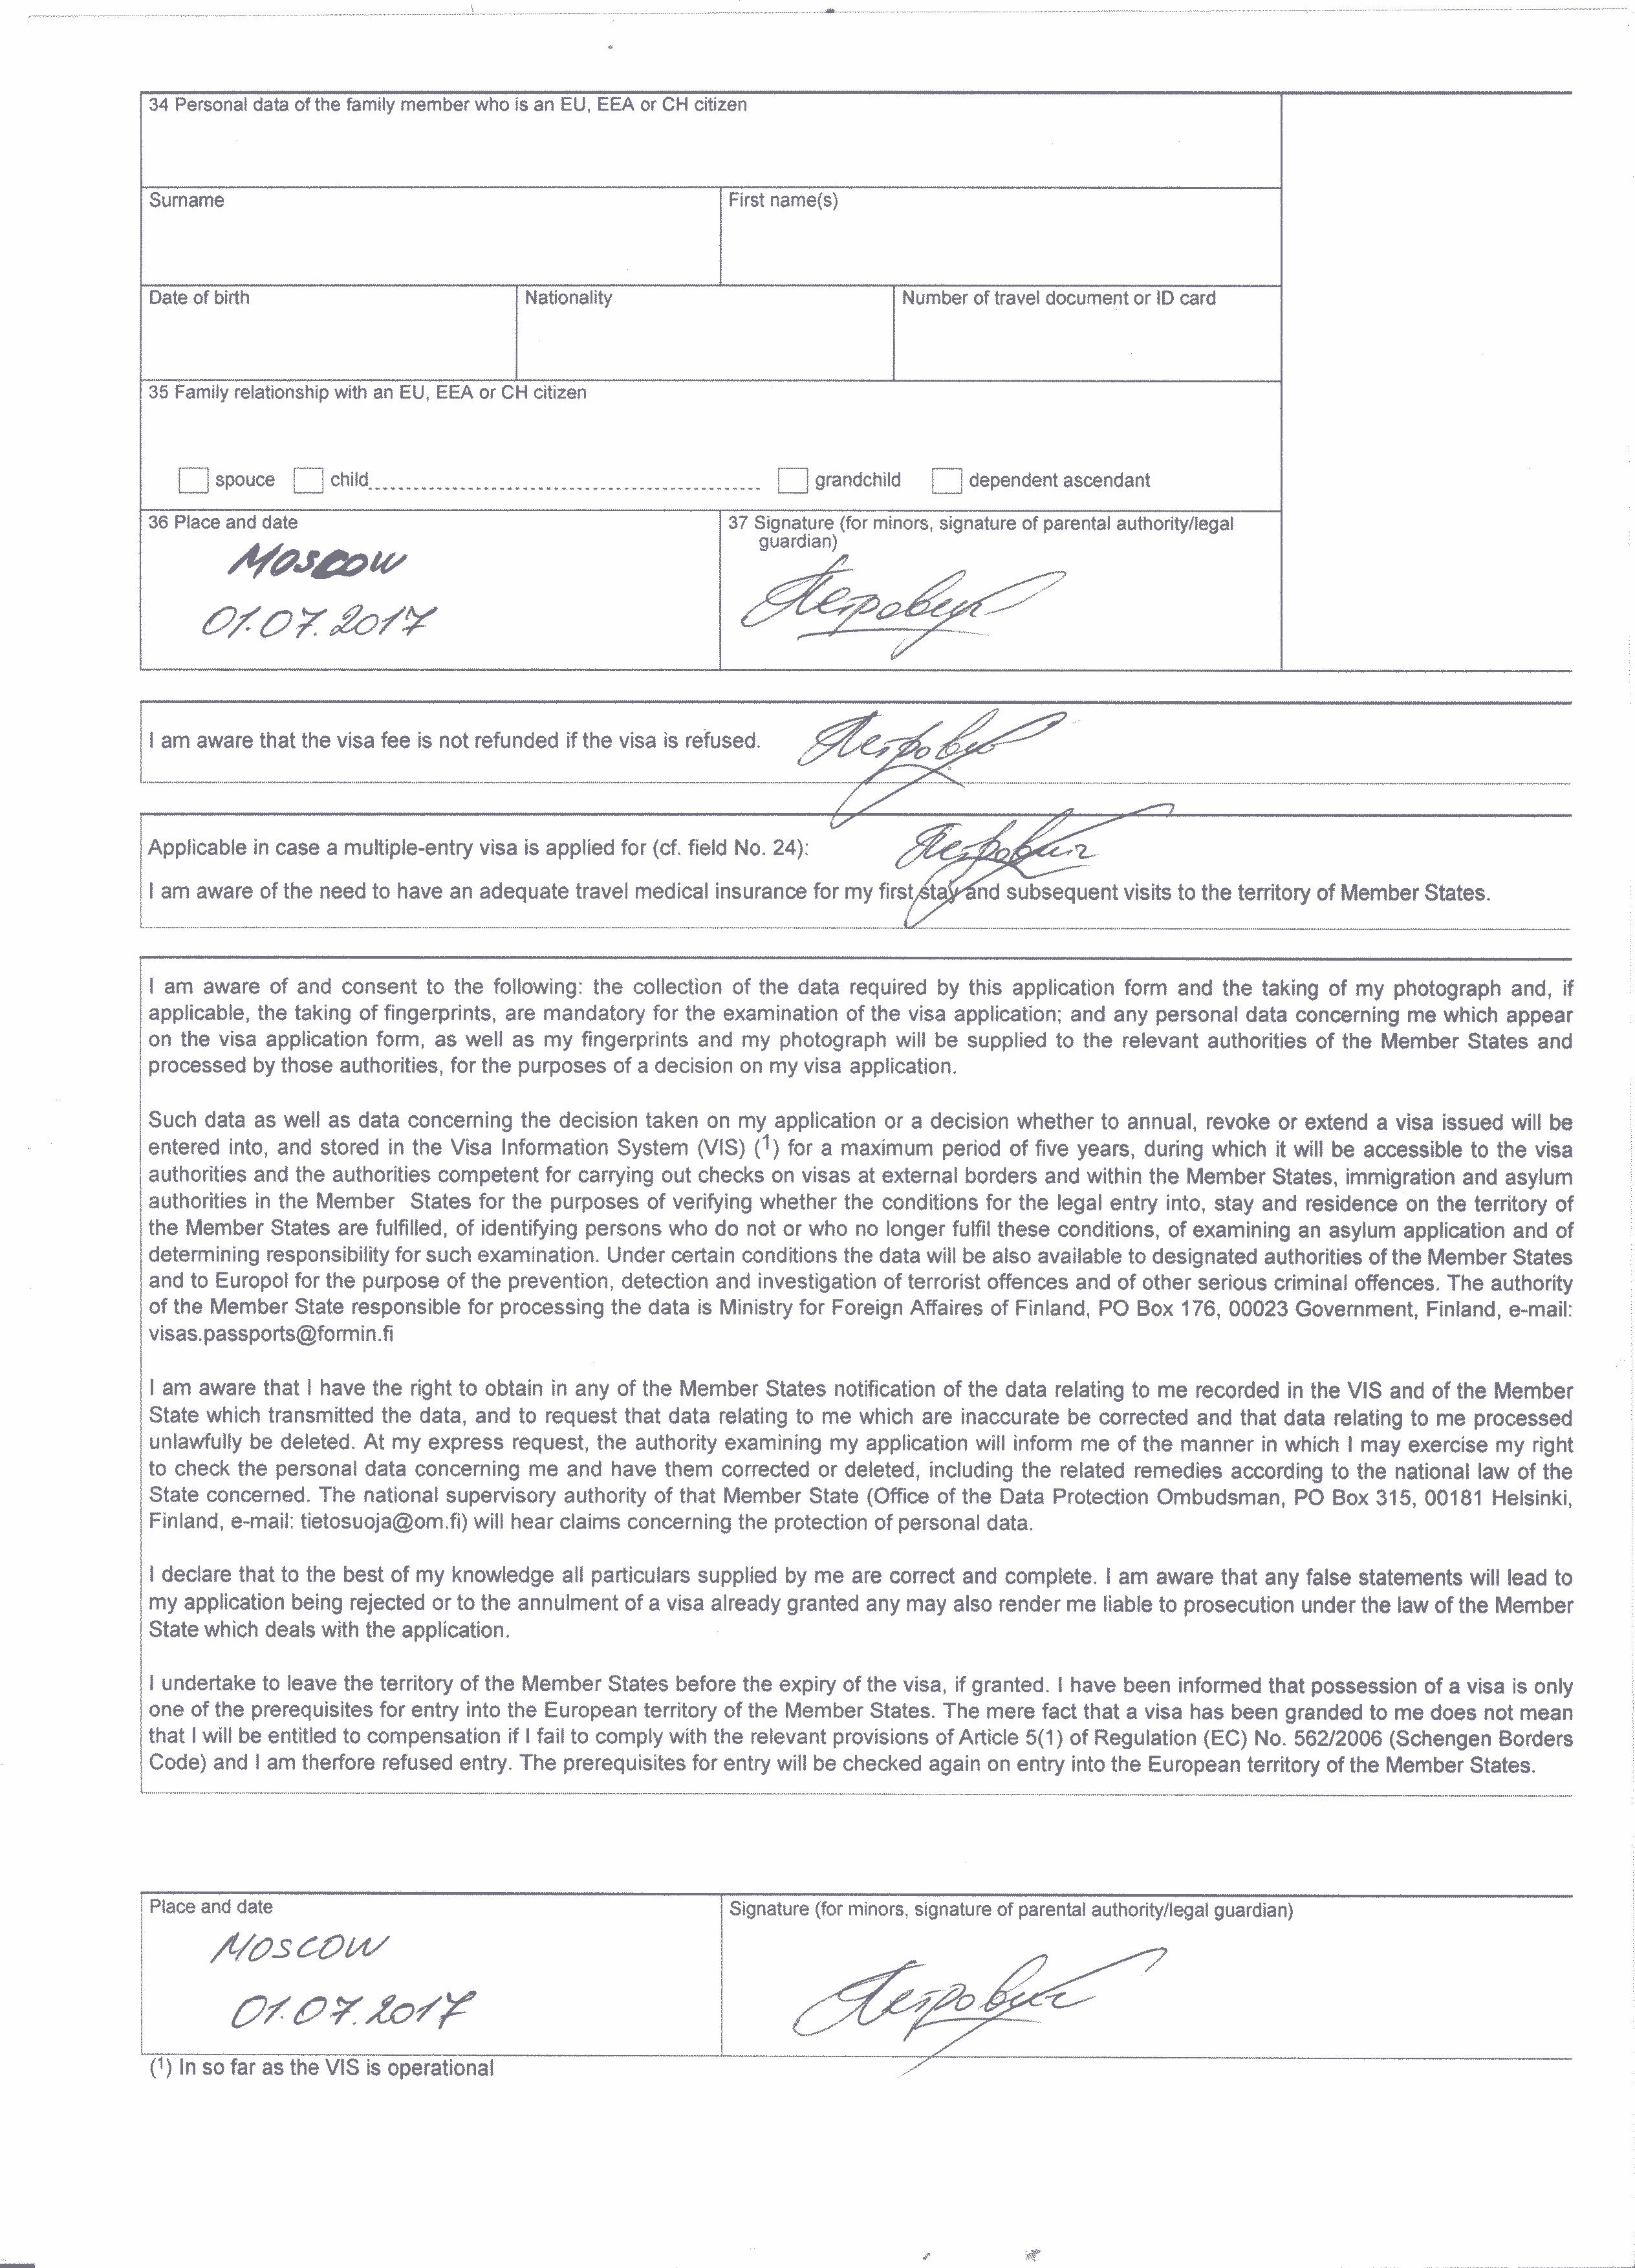 Образец заполнения анкеты на финскую визу. Страница 3